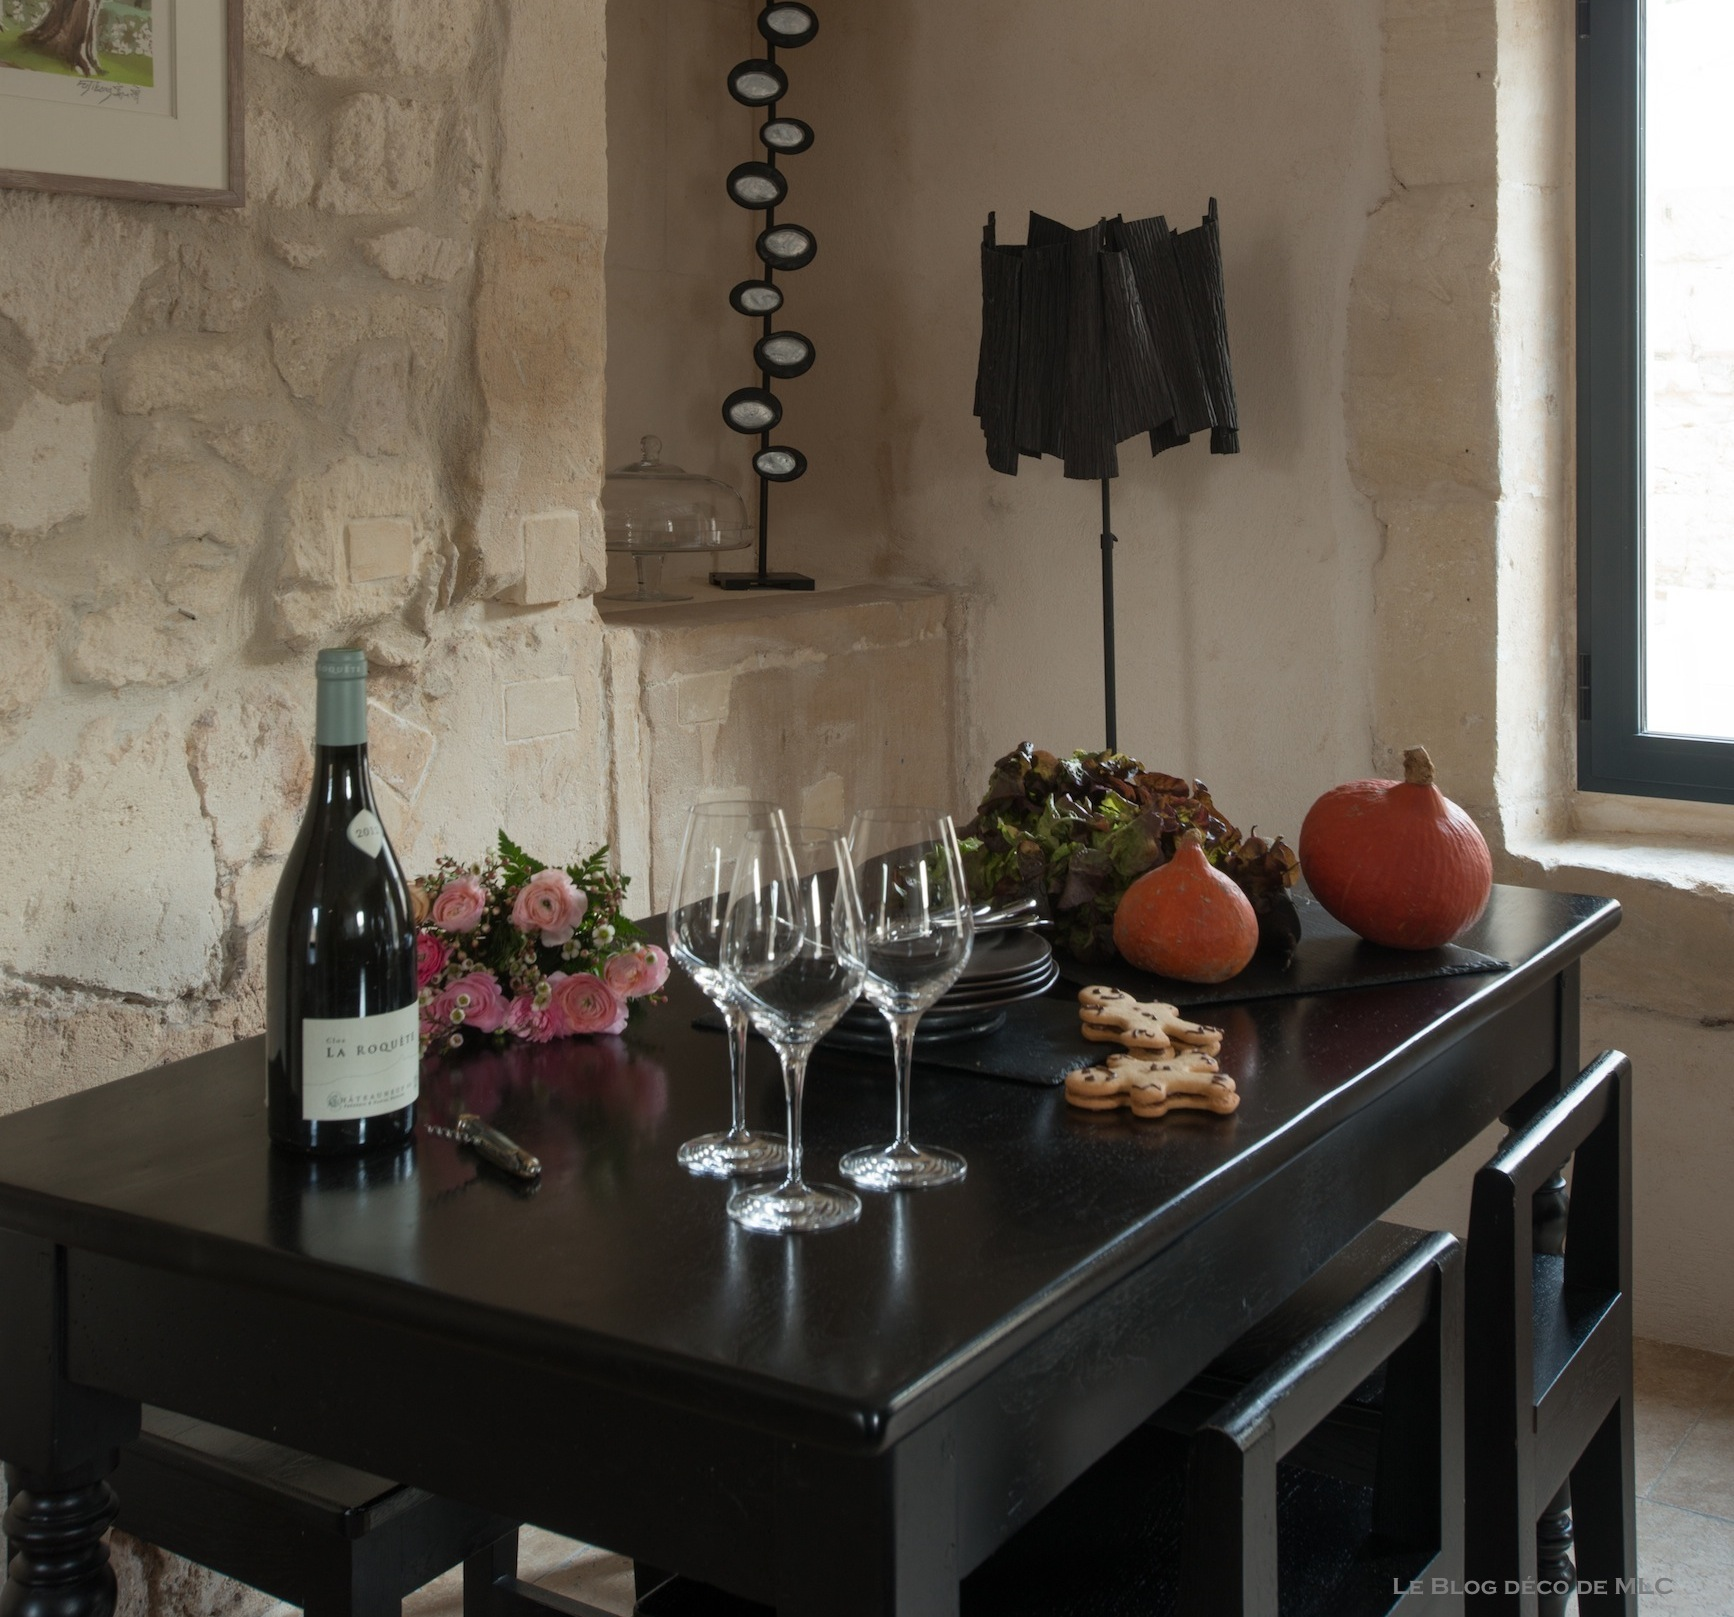 d co table d 39 automne le blog d co de mlc. Black Bedroom Furniture Sets. Home Design Ideas